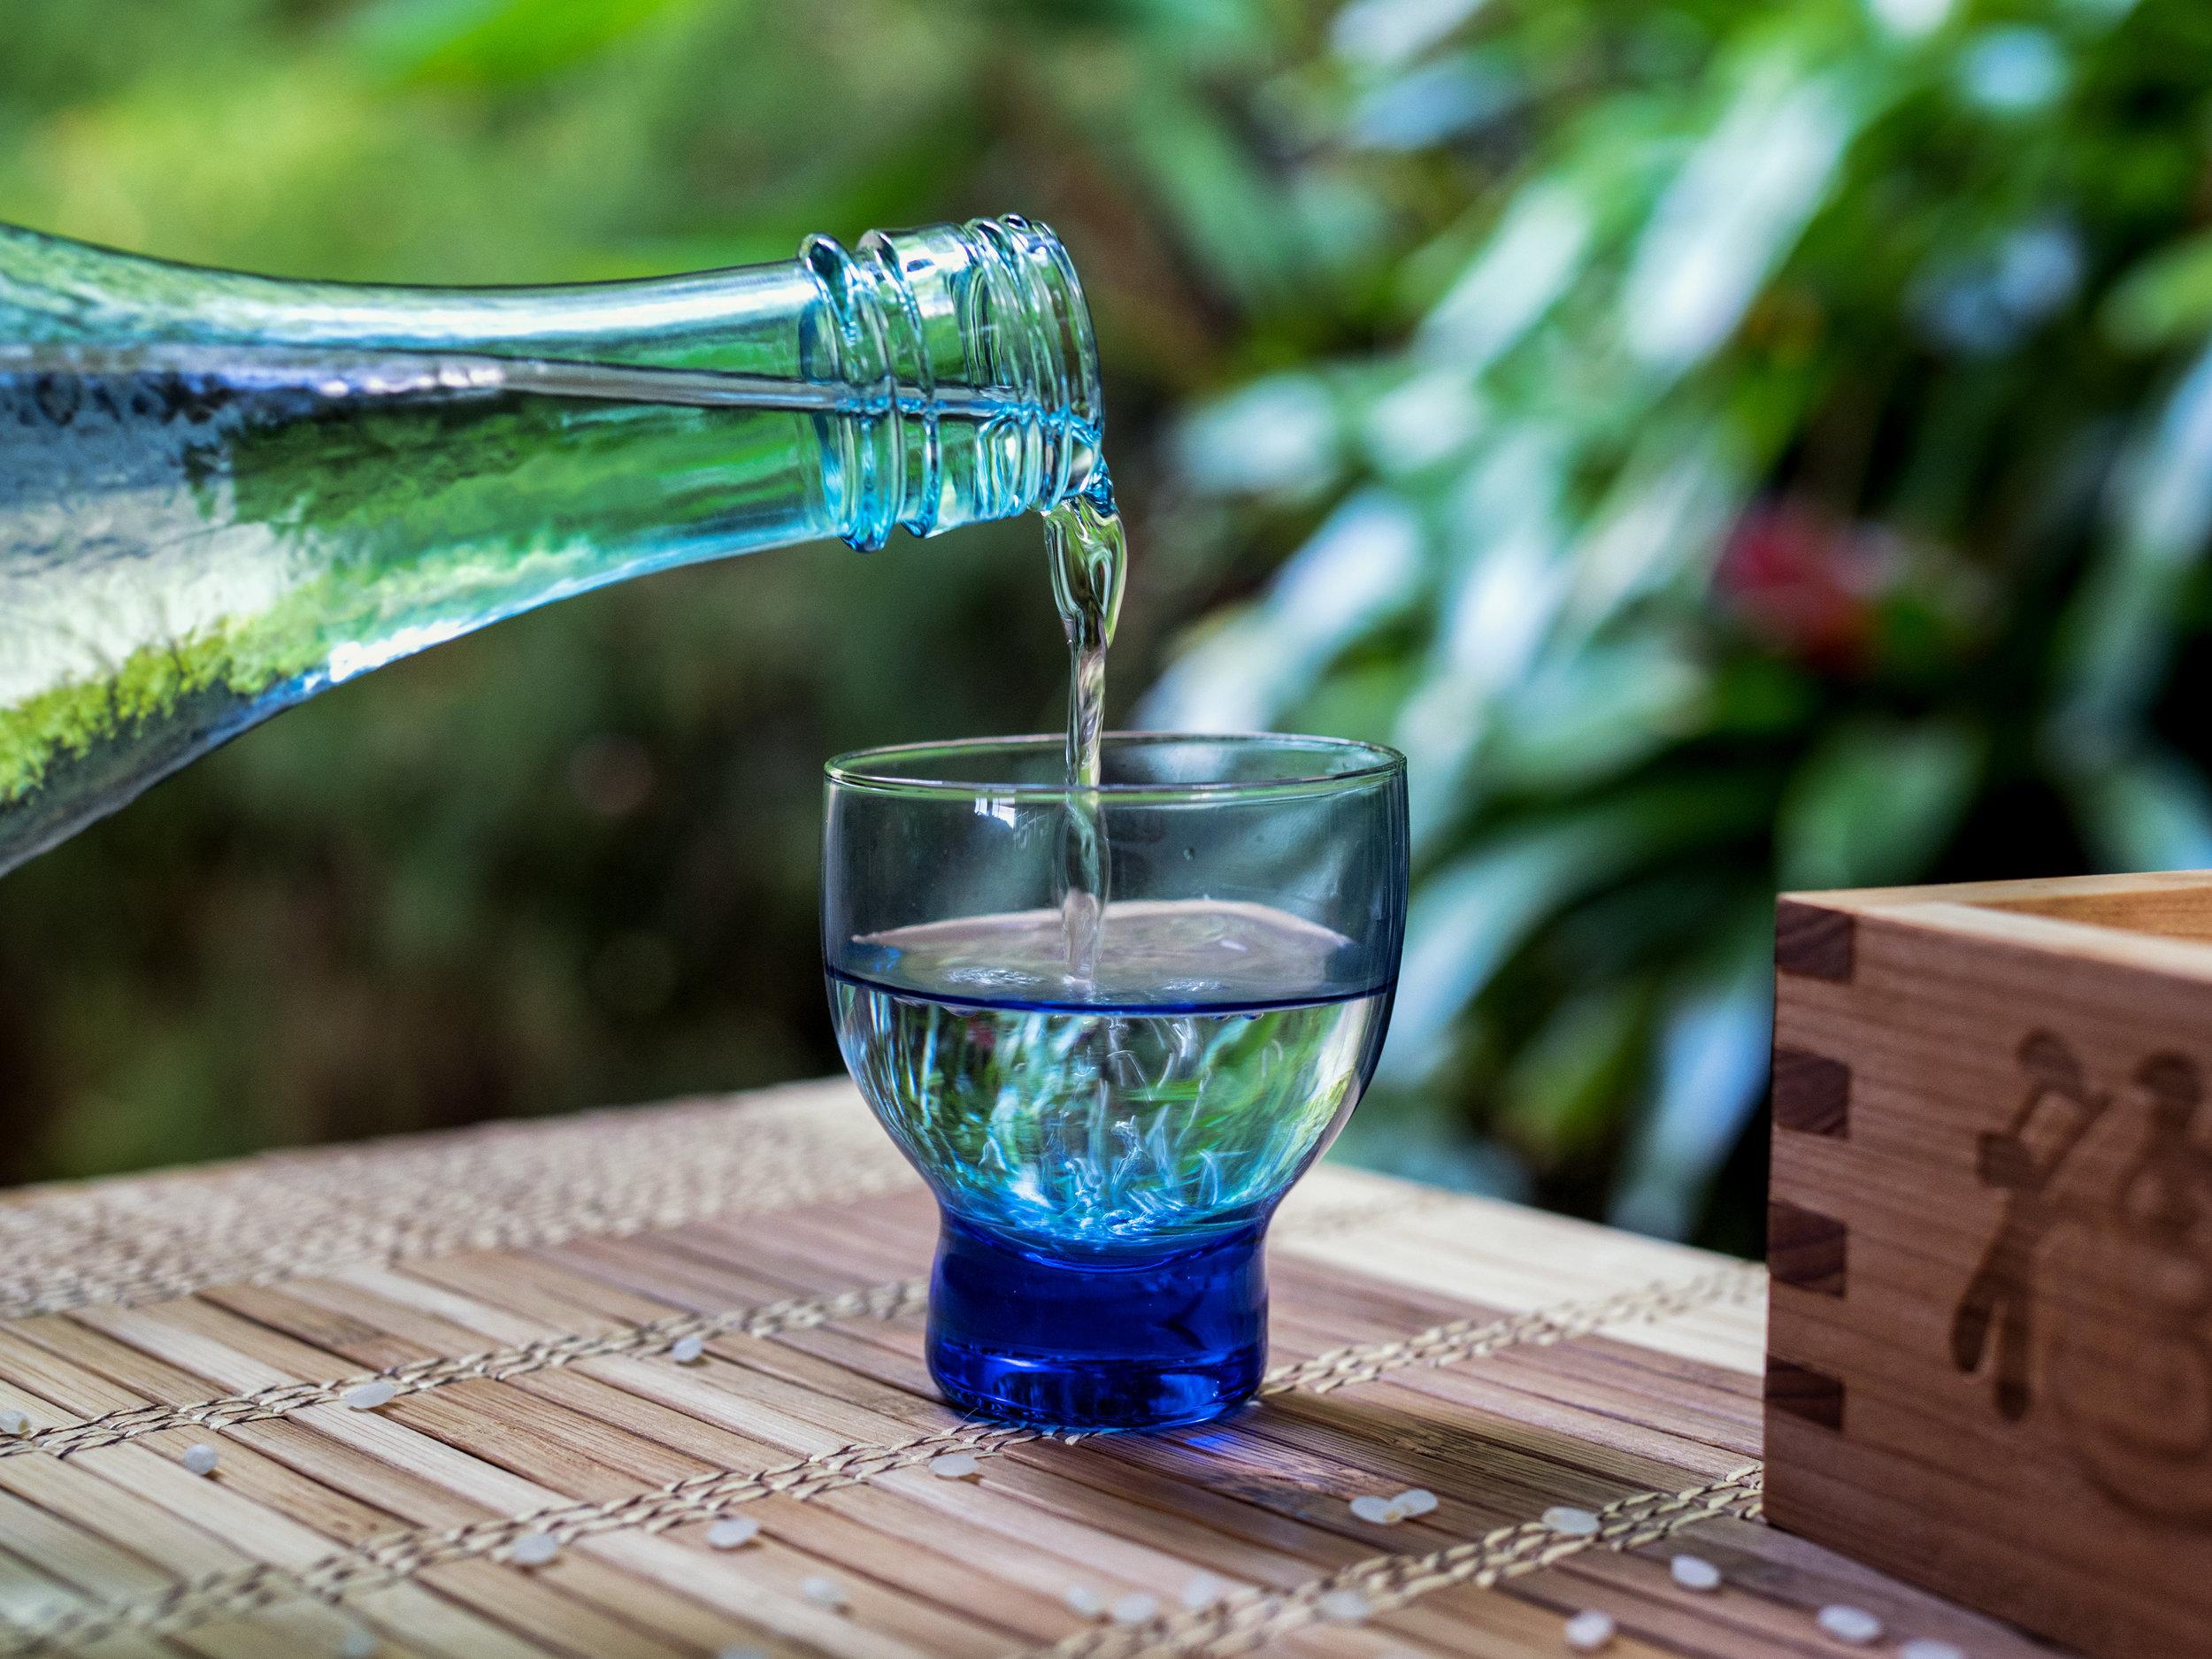 80 percent water; 100 percent delicious.